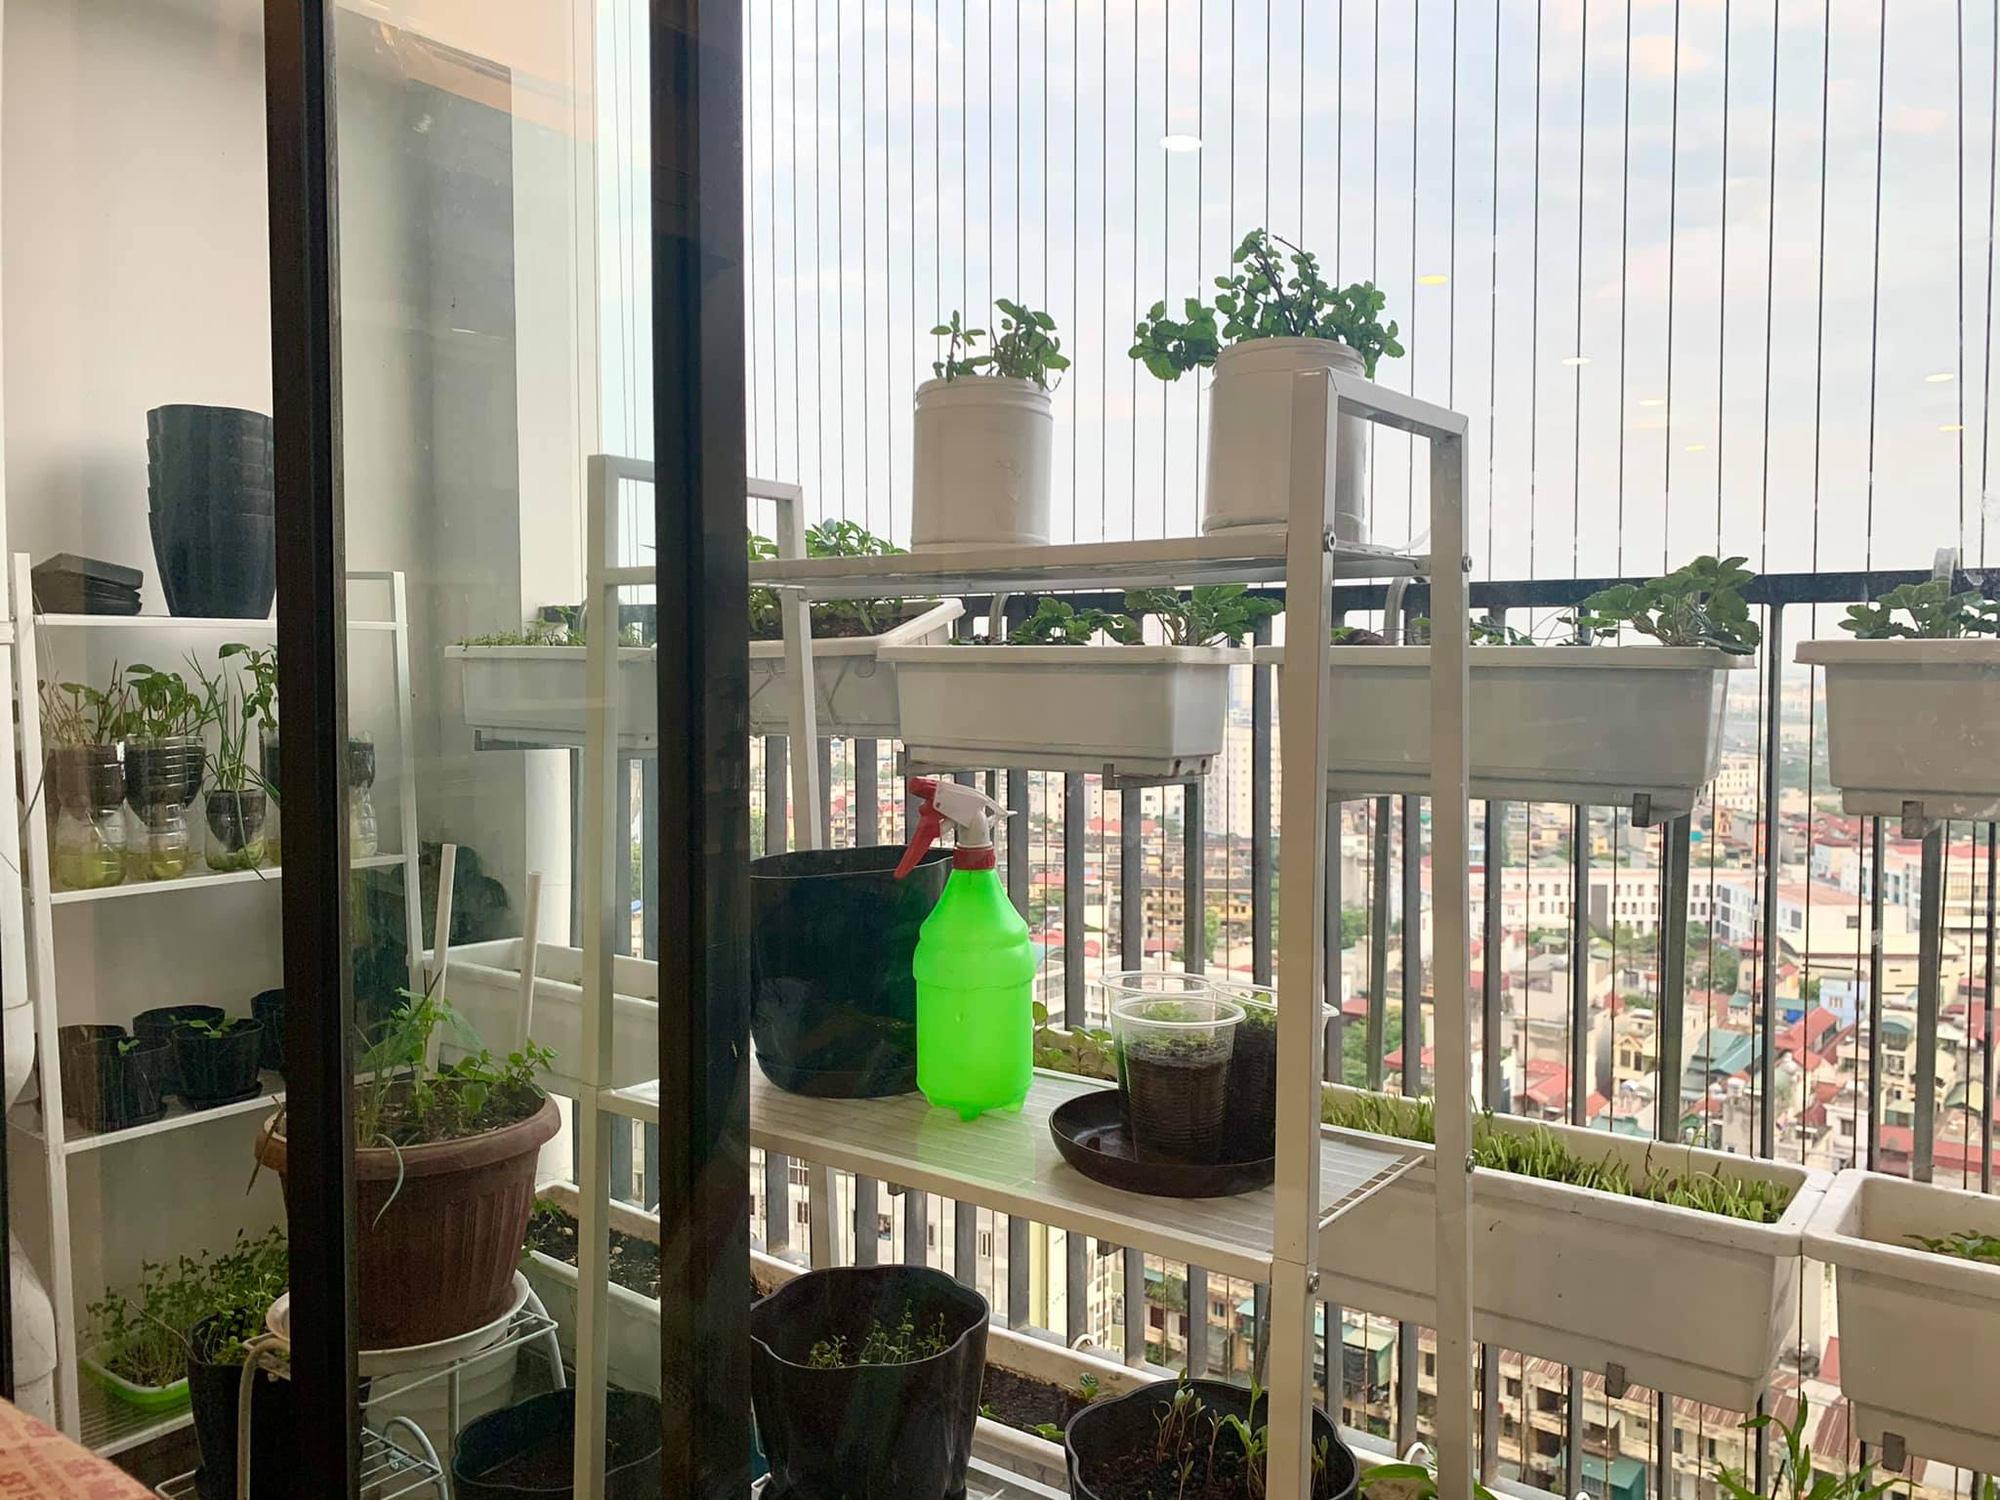 Ban công 7m2 vẫn đủ rau ăn cho cả nhà trong mùa dịch giãn cách ở Hà Nội - Ảnh 7.